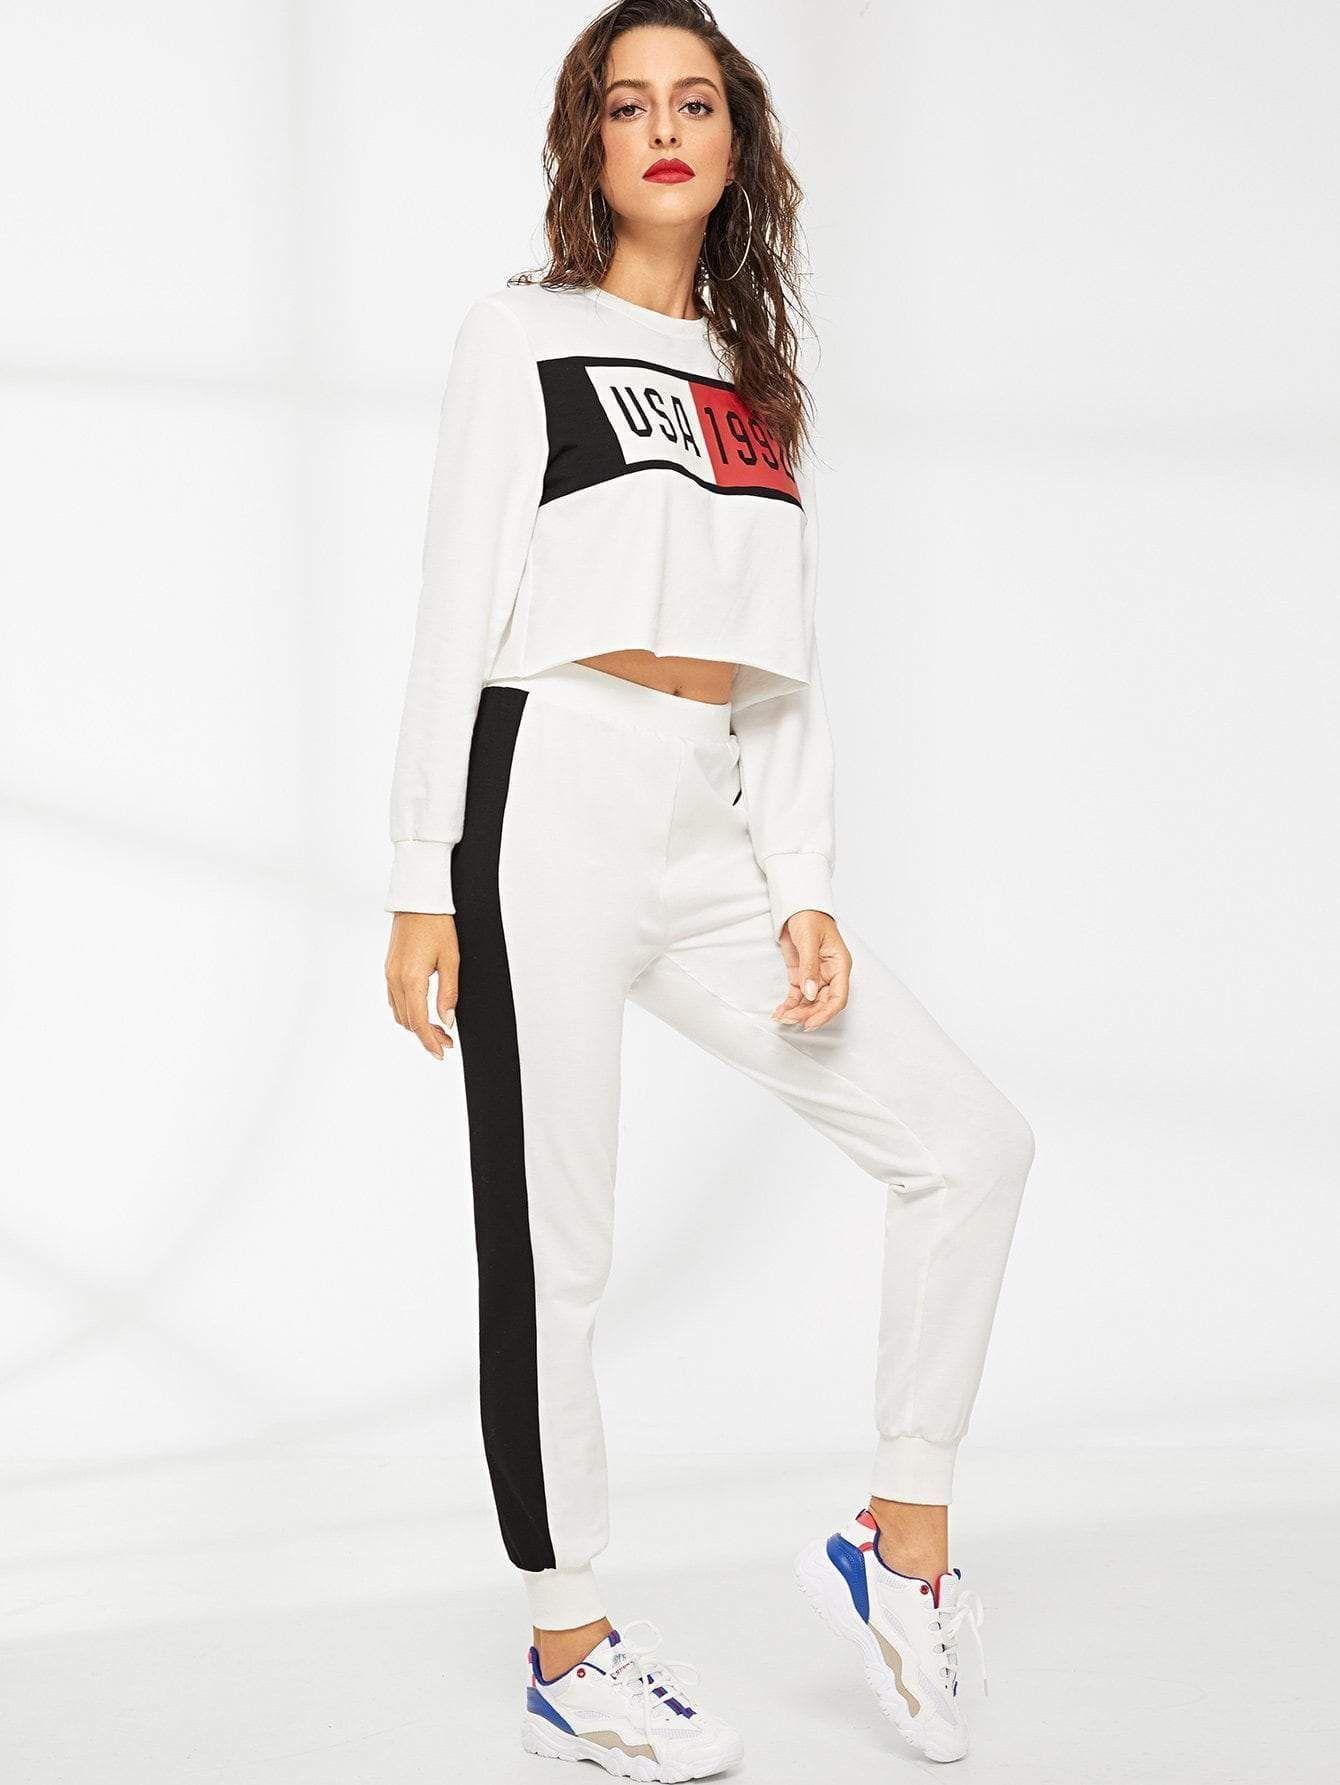 b411082ea0 Mixed Print Crop Top   Sweatpants Set - Sportsuit